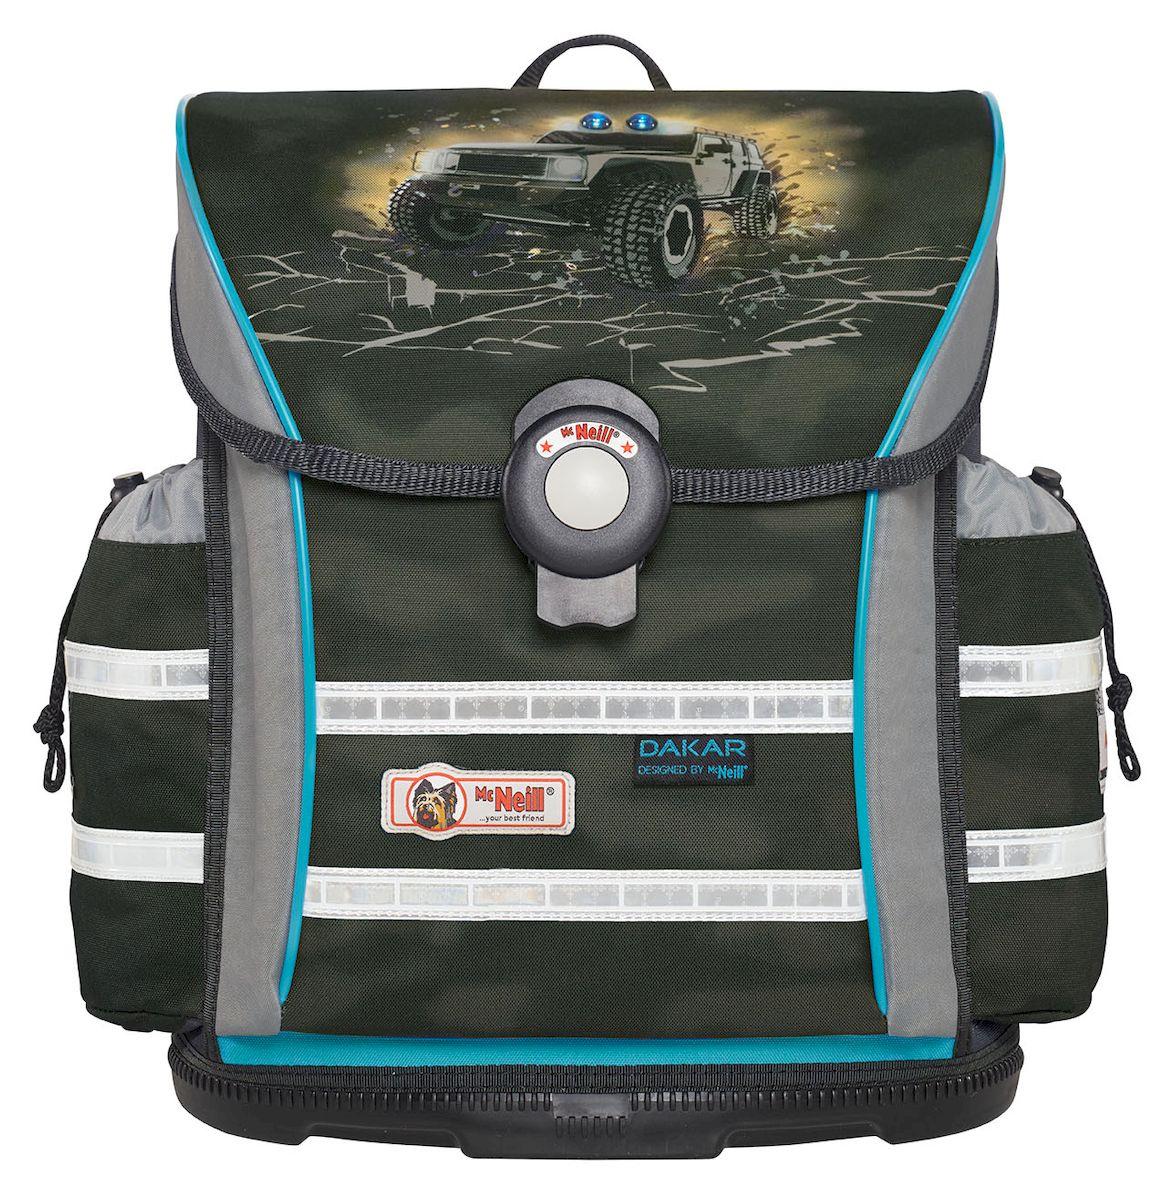 19a2acd7c843 McNeill Ранец школьный Ergo Light 912 Дакар — купить в интернет-магазине  OZON.ru с быстрой доставкой